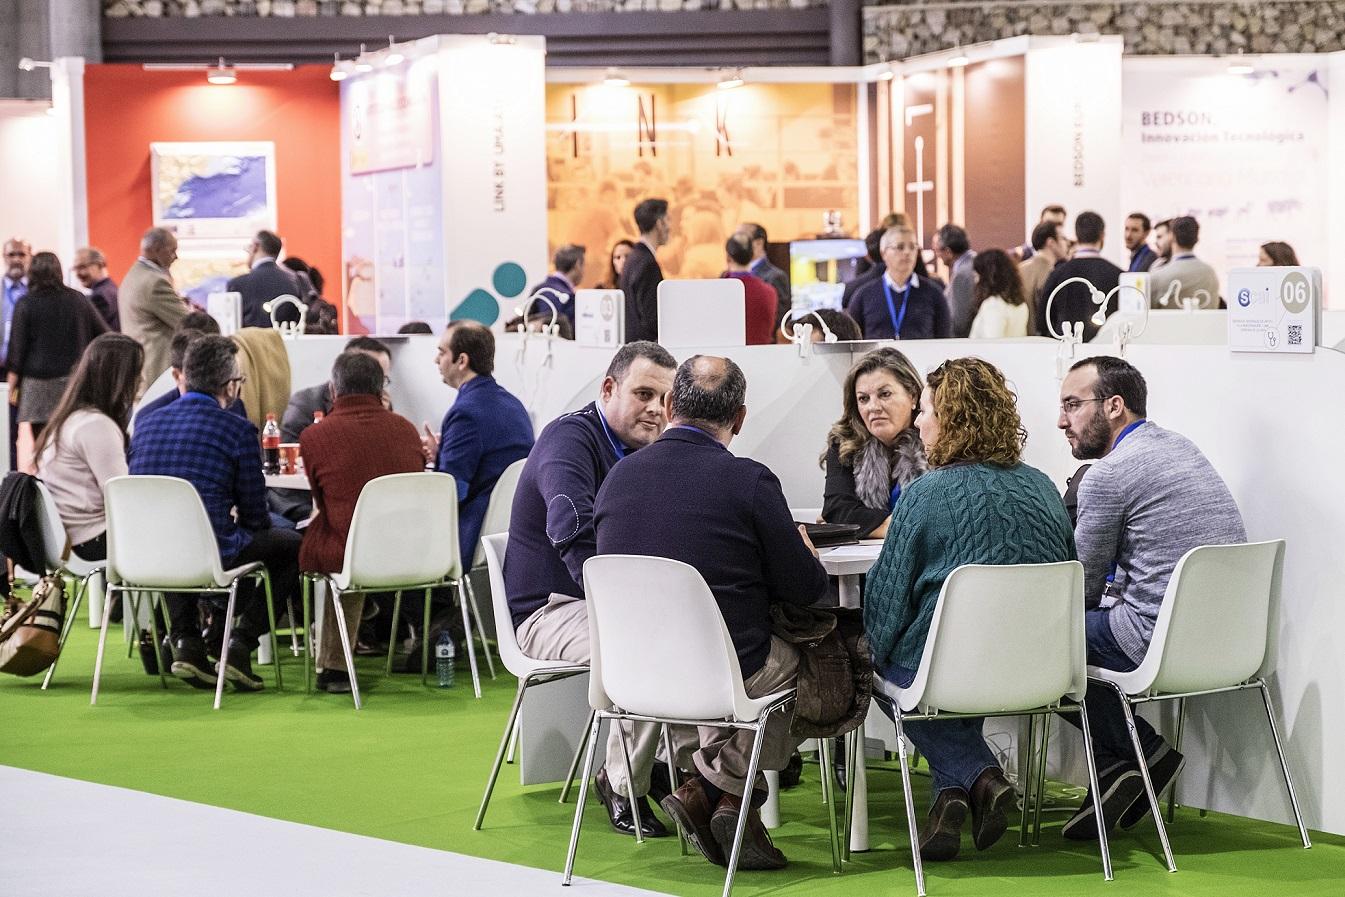 Transfiere moverá más de 30 millones de euros en consultas al mercado para compra pública de innovación